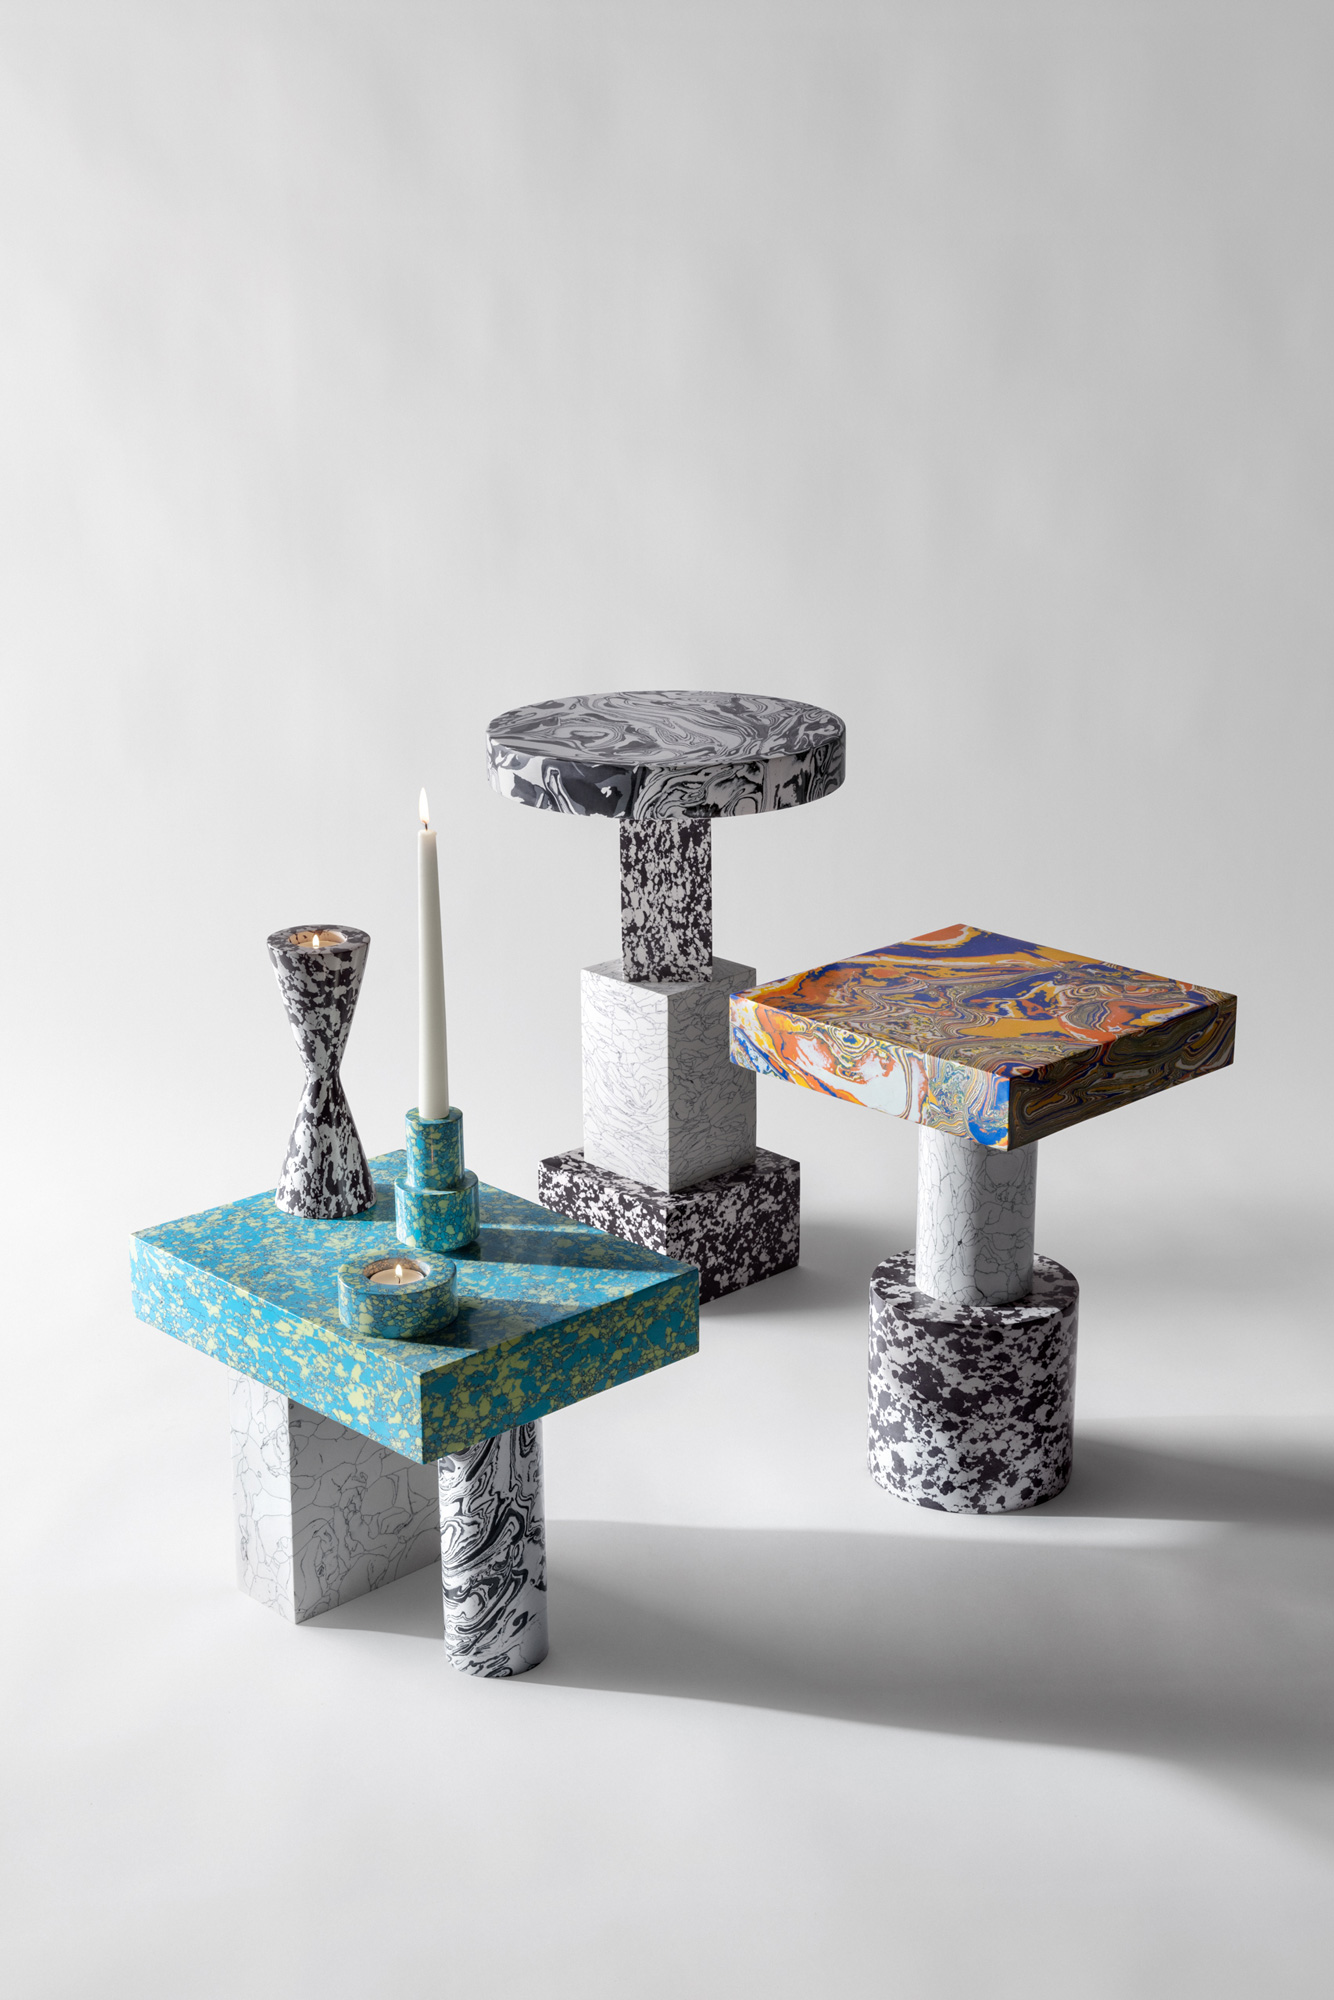 Farbenfrohe Kollektion aus Marmorpulver von Tom Dixon